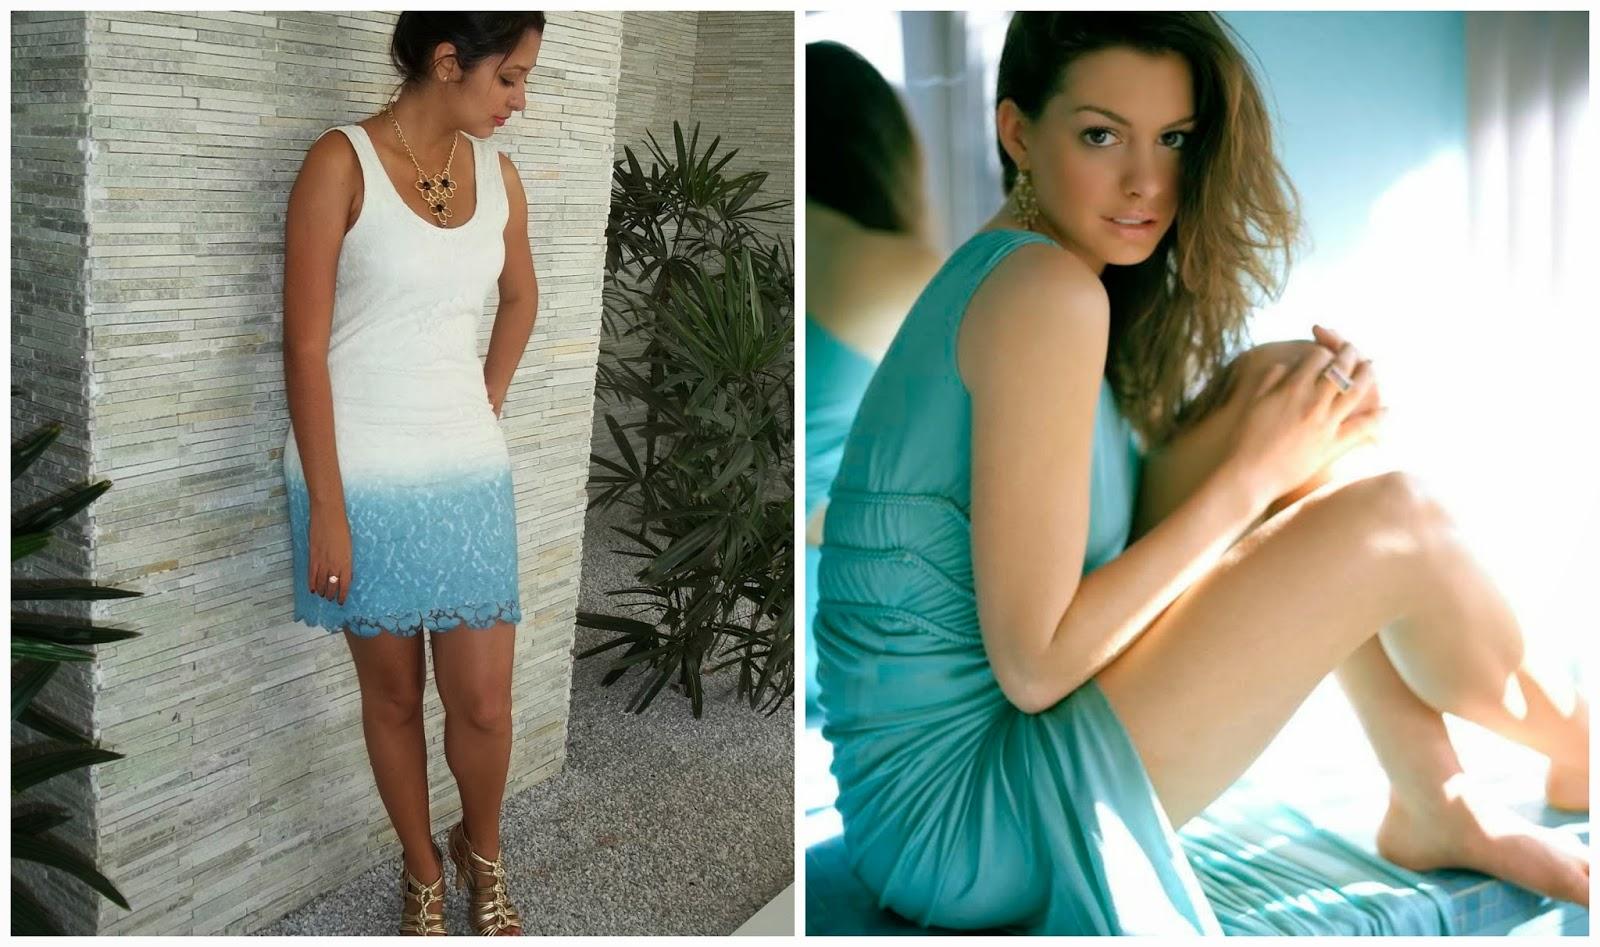 reveillon-ano-novo-2014-cores-azul-branco-vestido